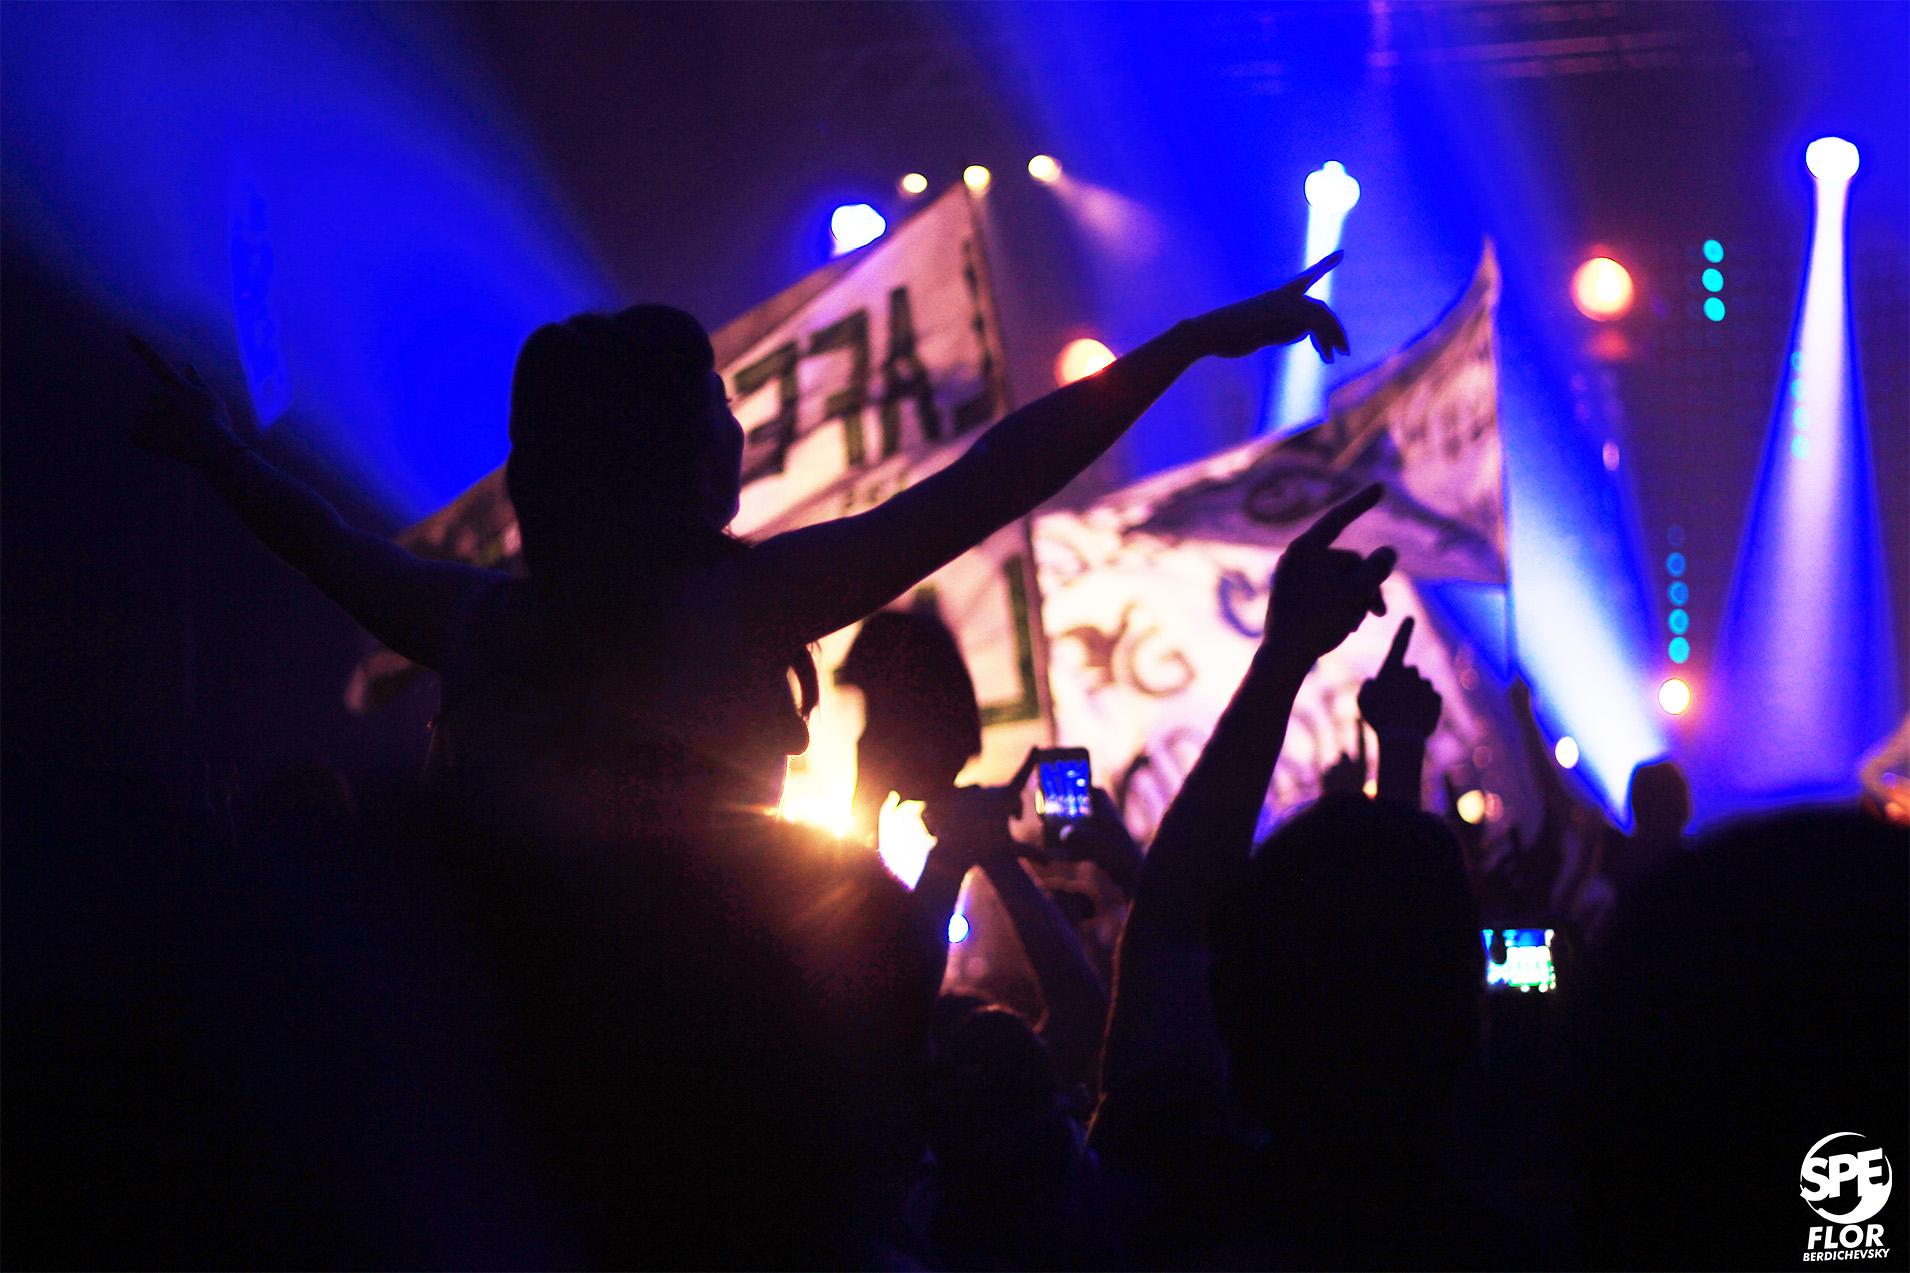 PúblicoGuasones-EstadioObras-5.10.18 6.jpg